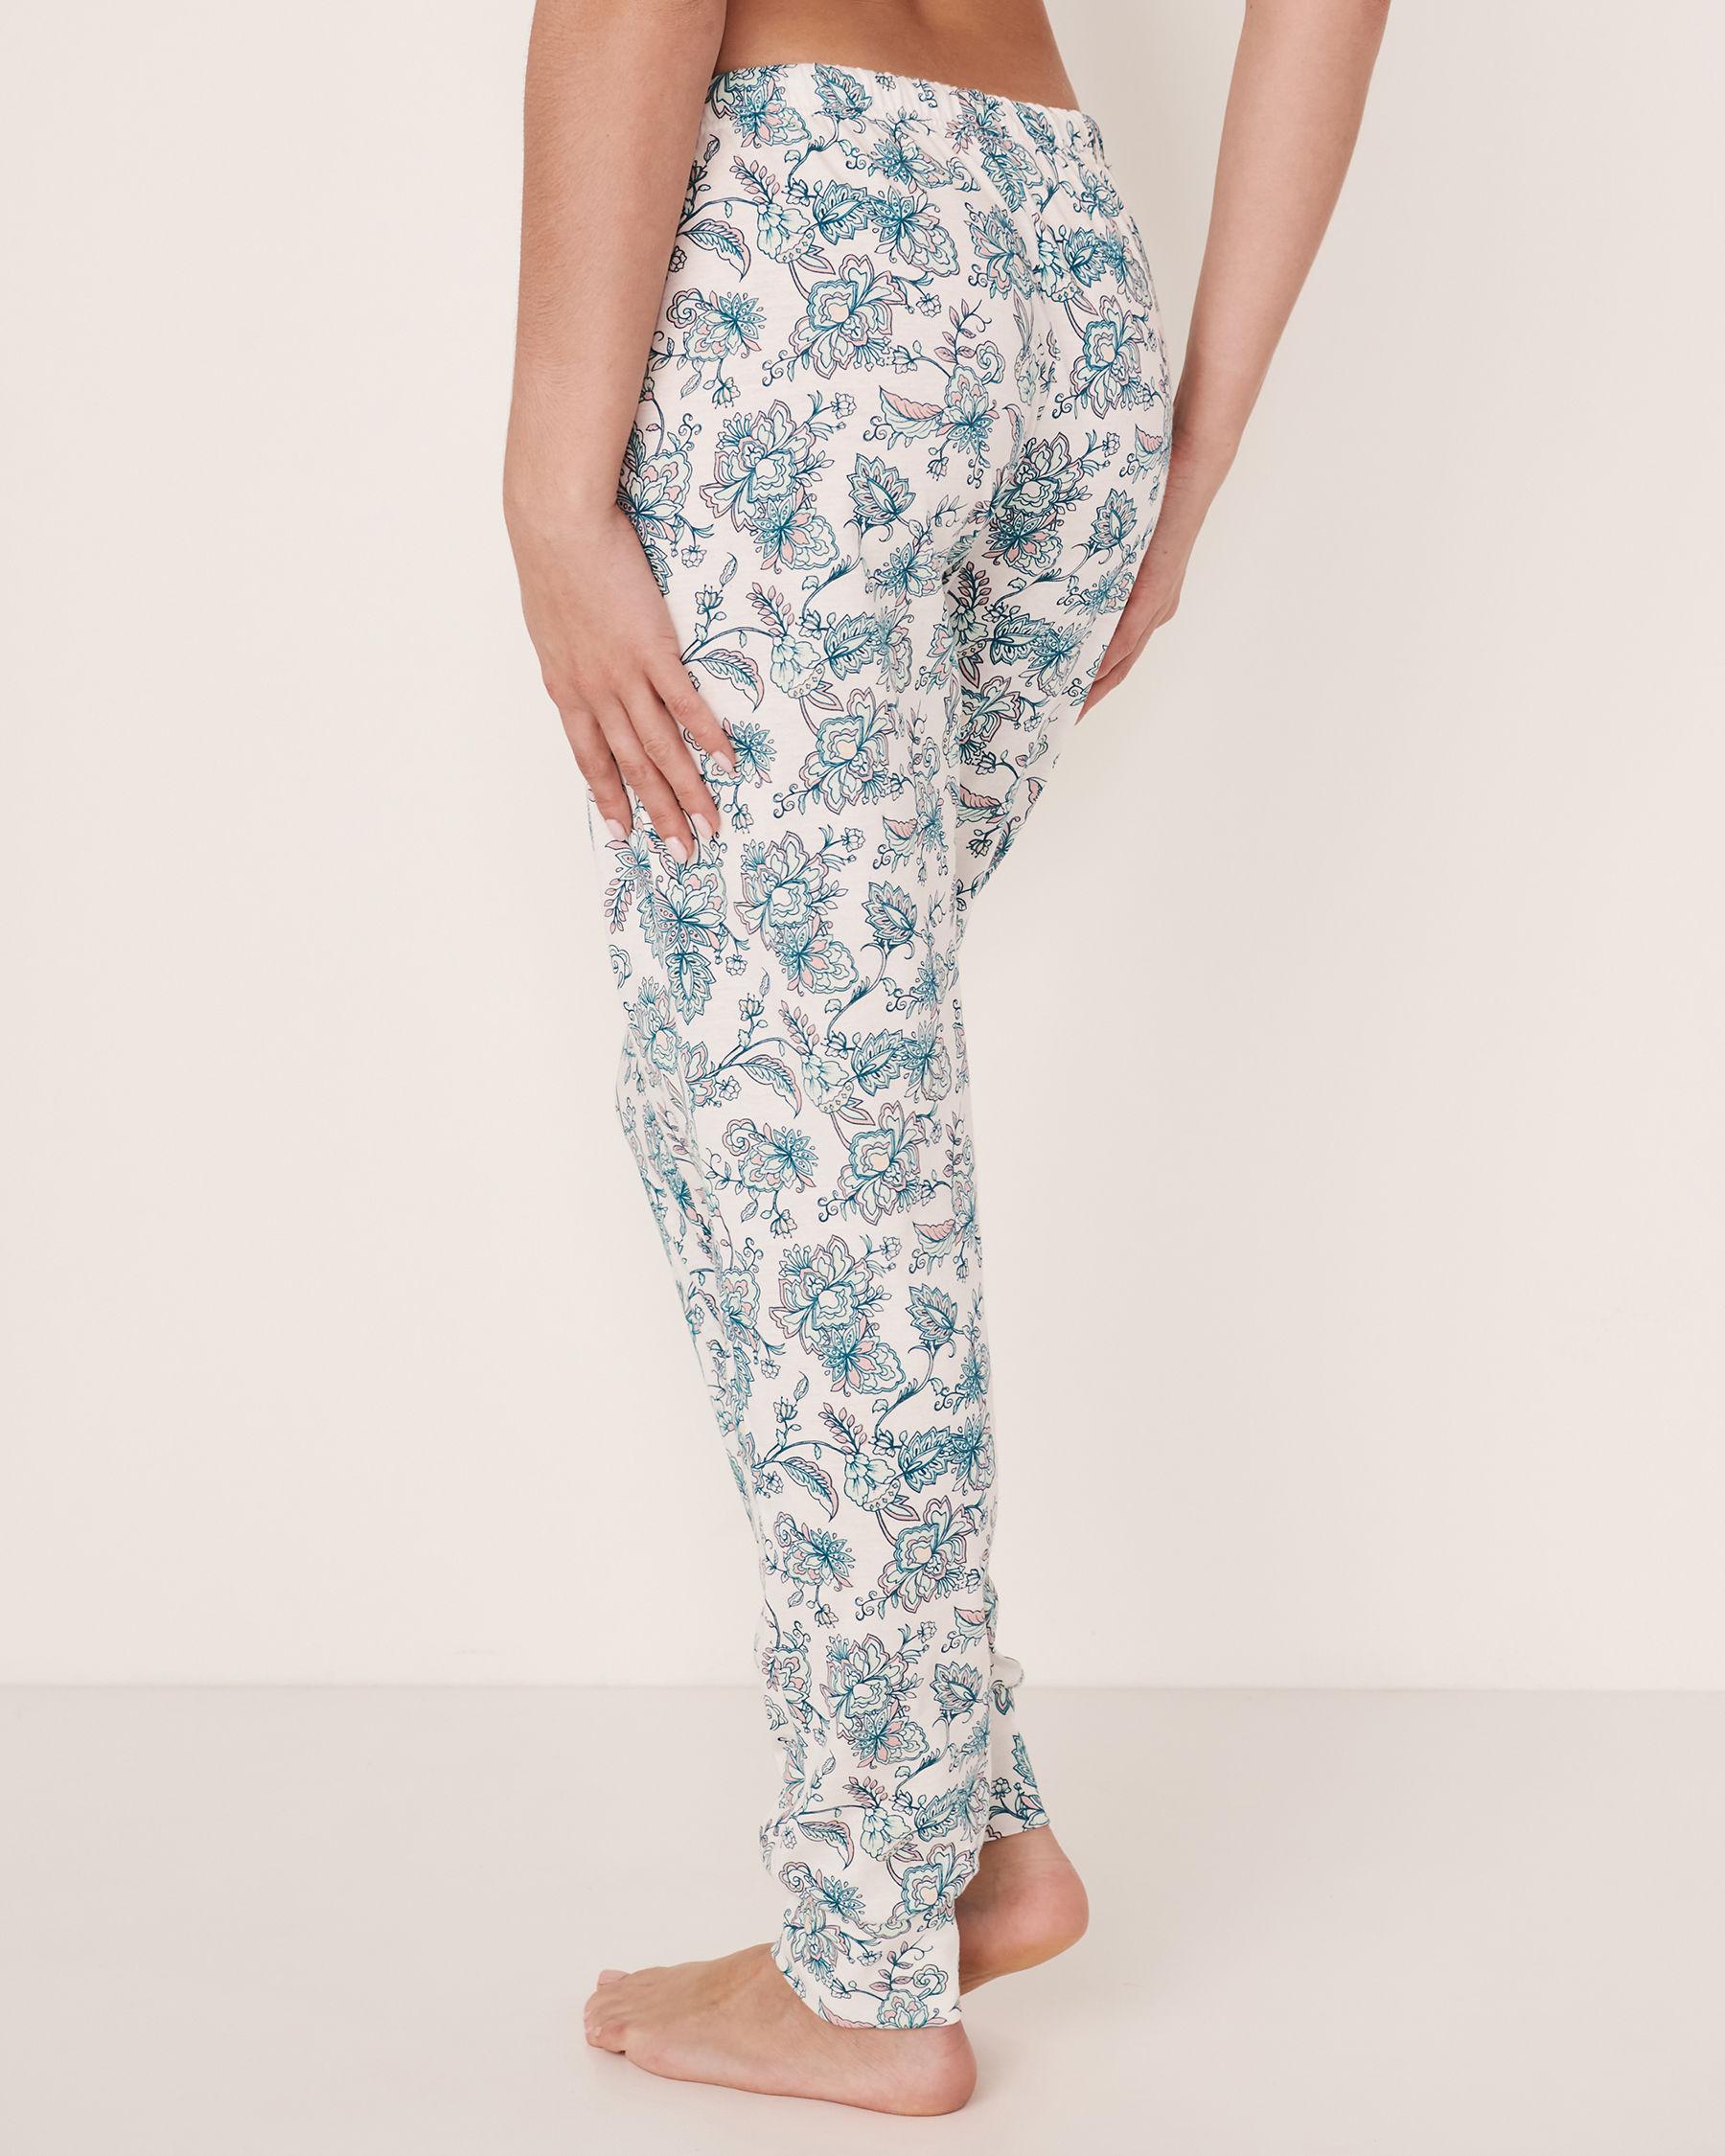 LA VIE EN ROSE Fitted Pyjama Pant Flowers 40200167 - View2